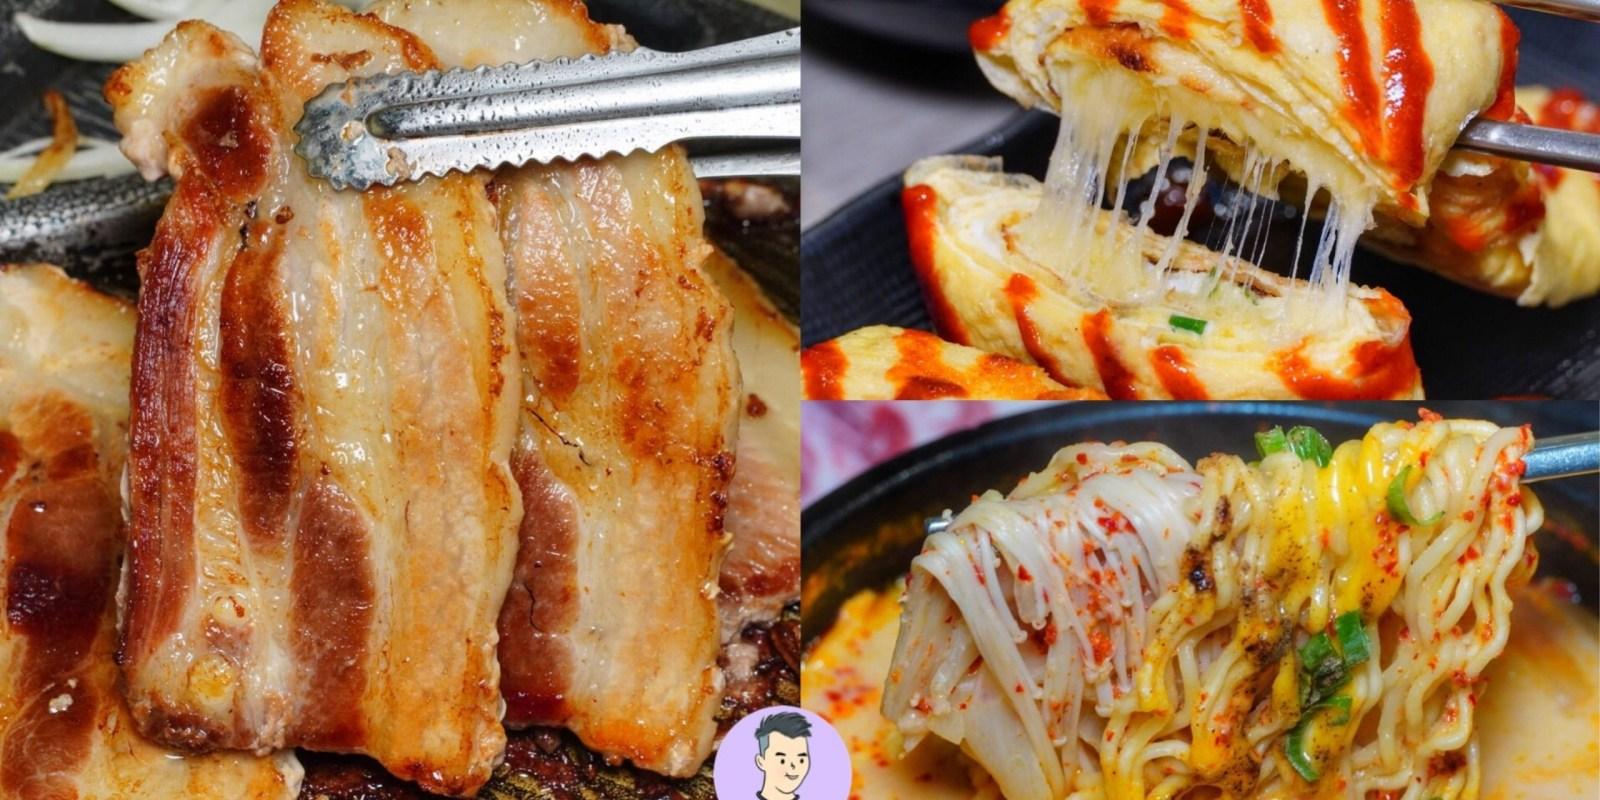 【嘉義美食】嘉義韓式料理「韓宵한 샤오」 開到凌晨1點!隱藏在巷子的實力店 今晚宵夜就決定吃這間!!!